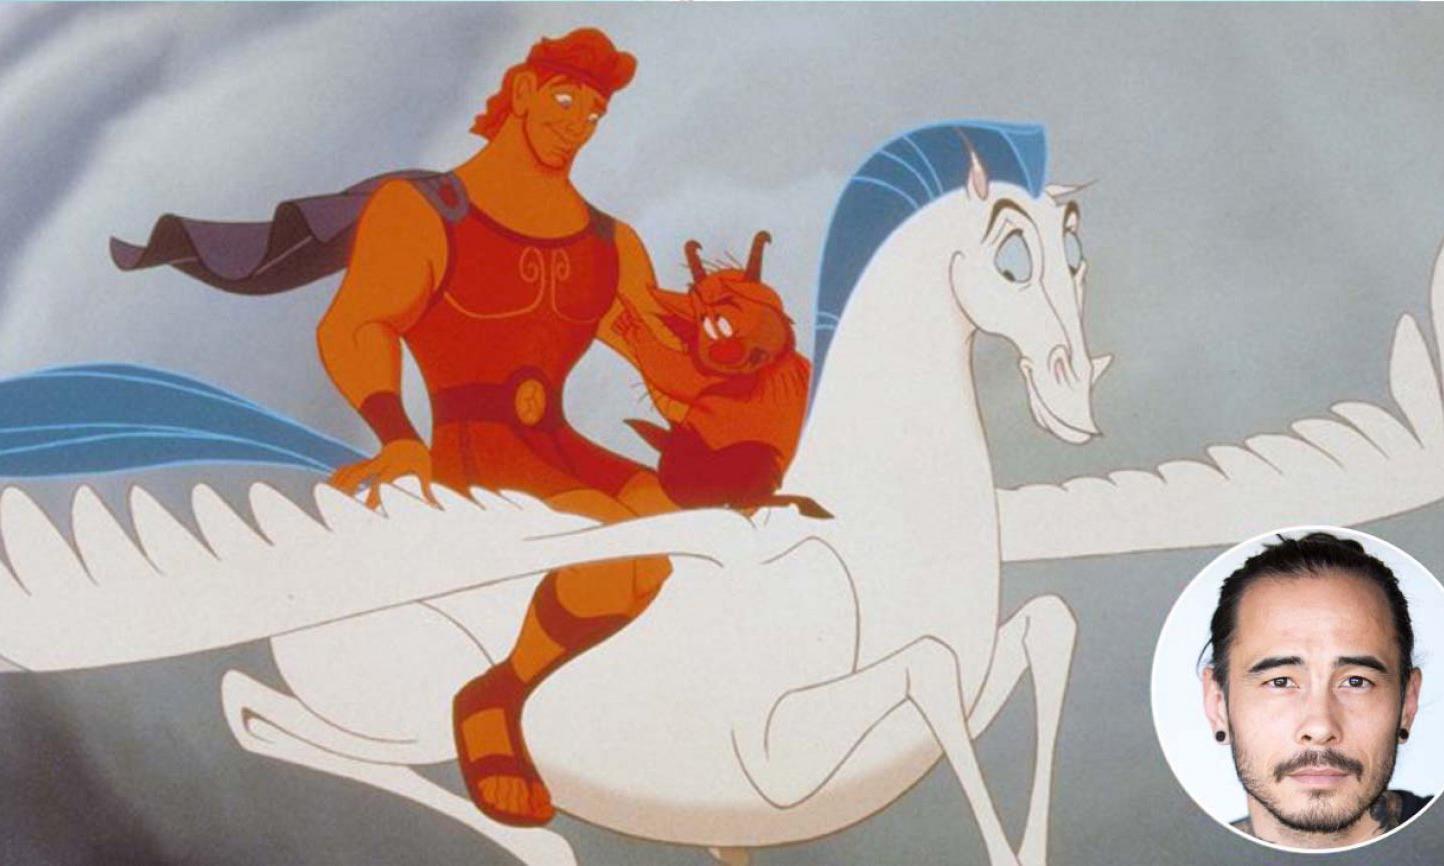 迪士尼计划将动画《大力士》改编成真人电影